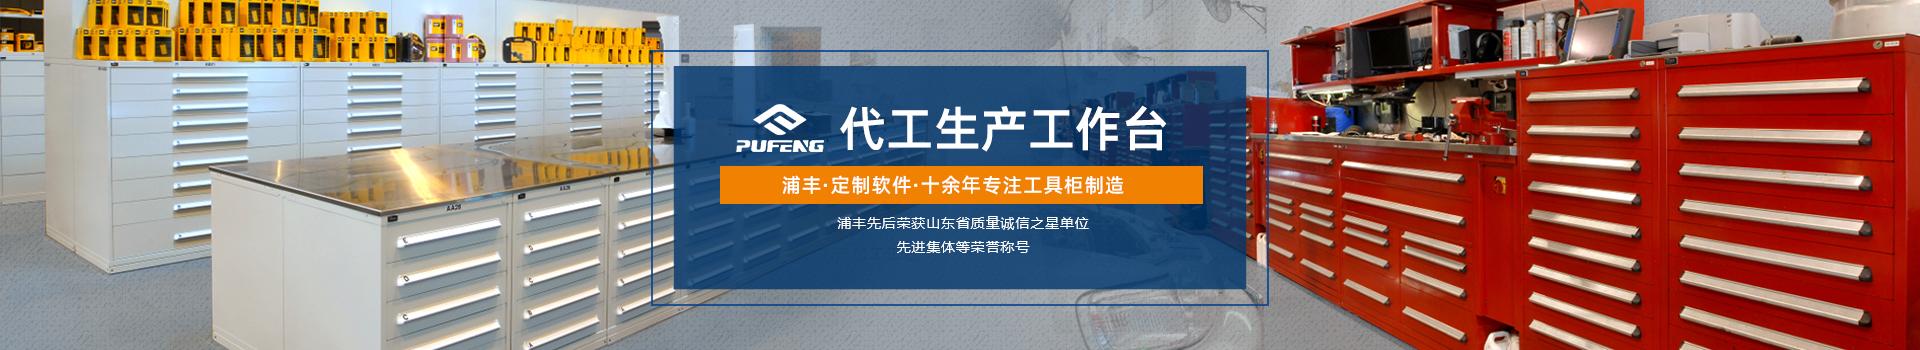 机chuanggong作tai